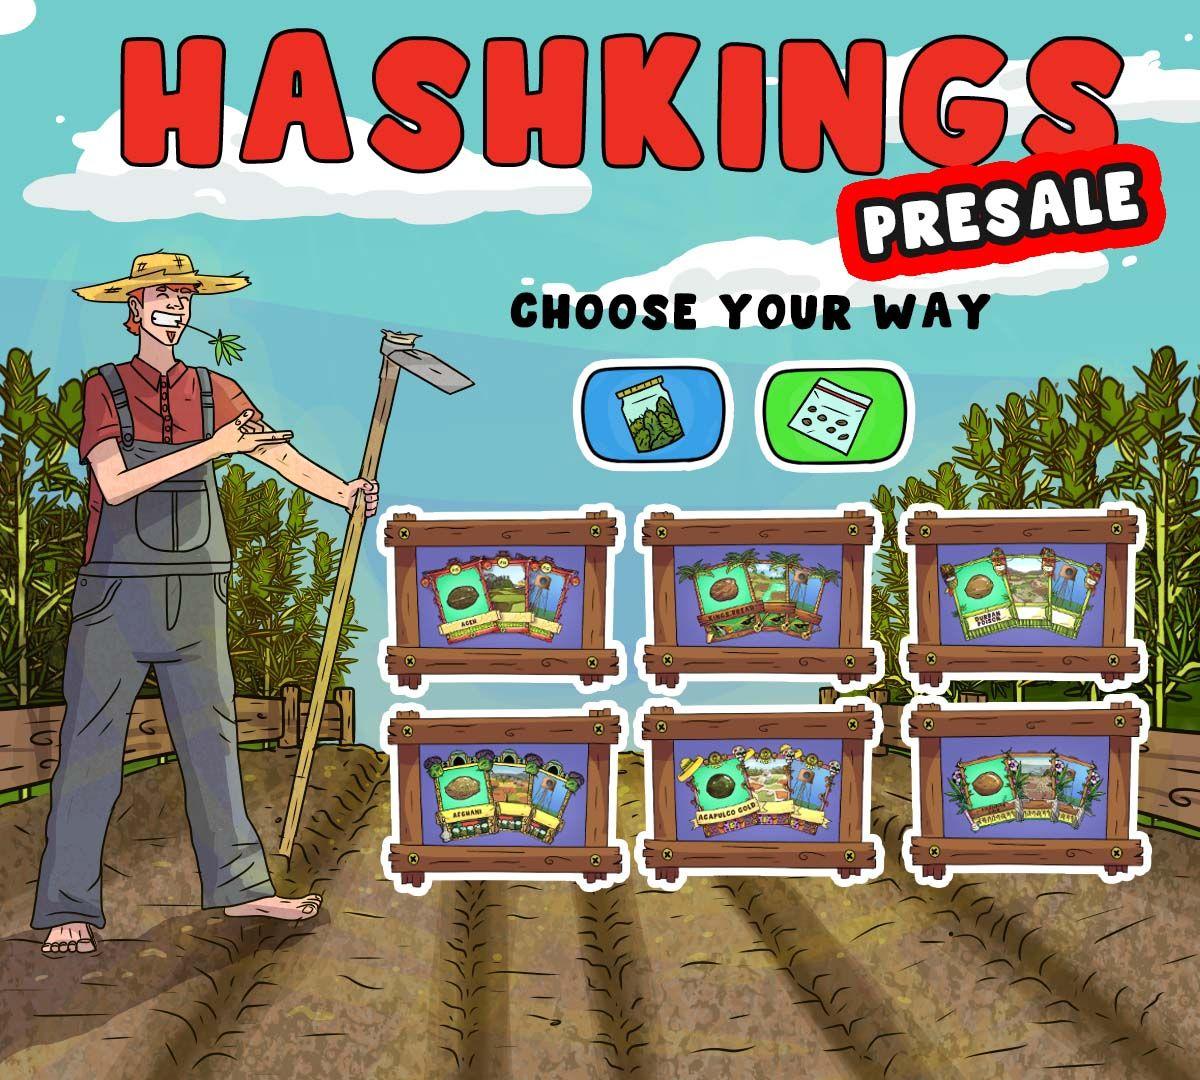 hashkings.jpg